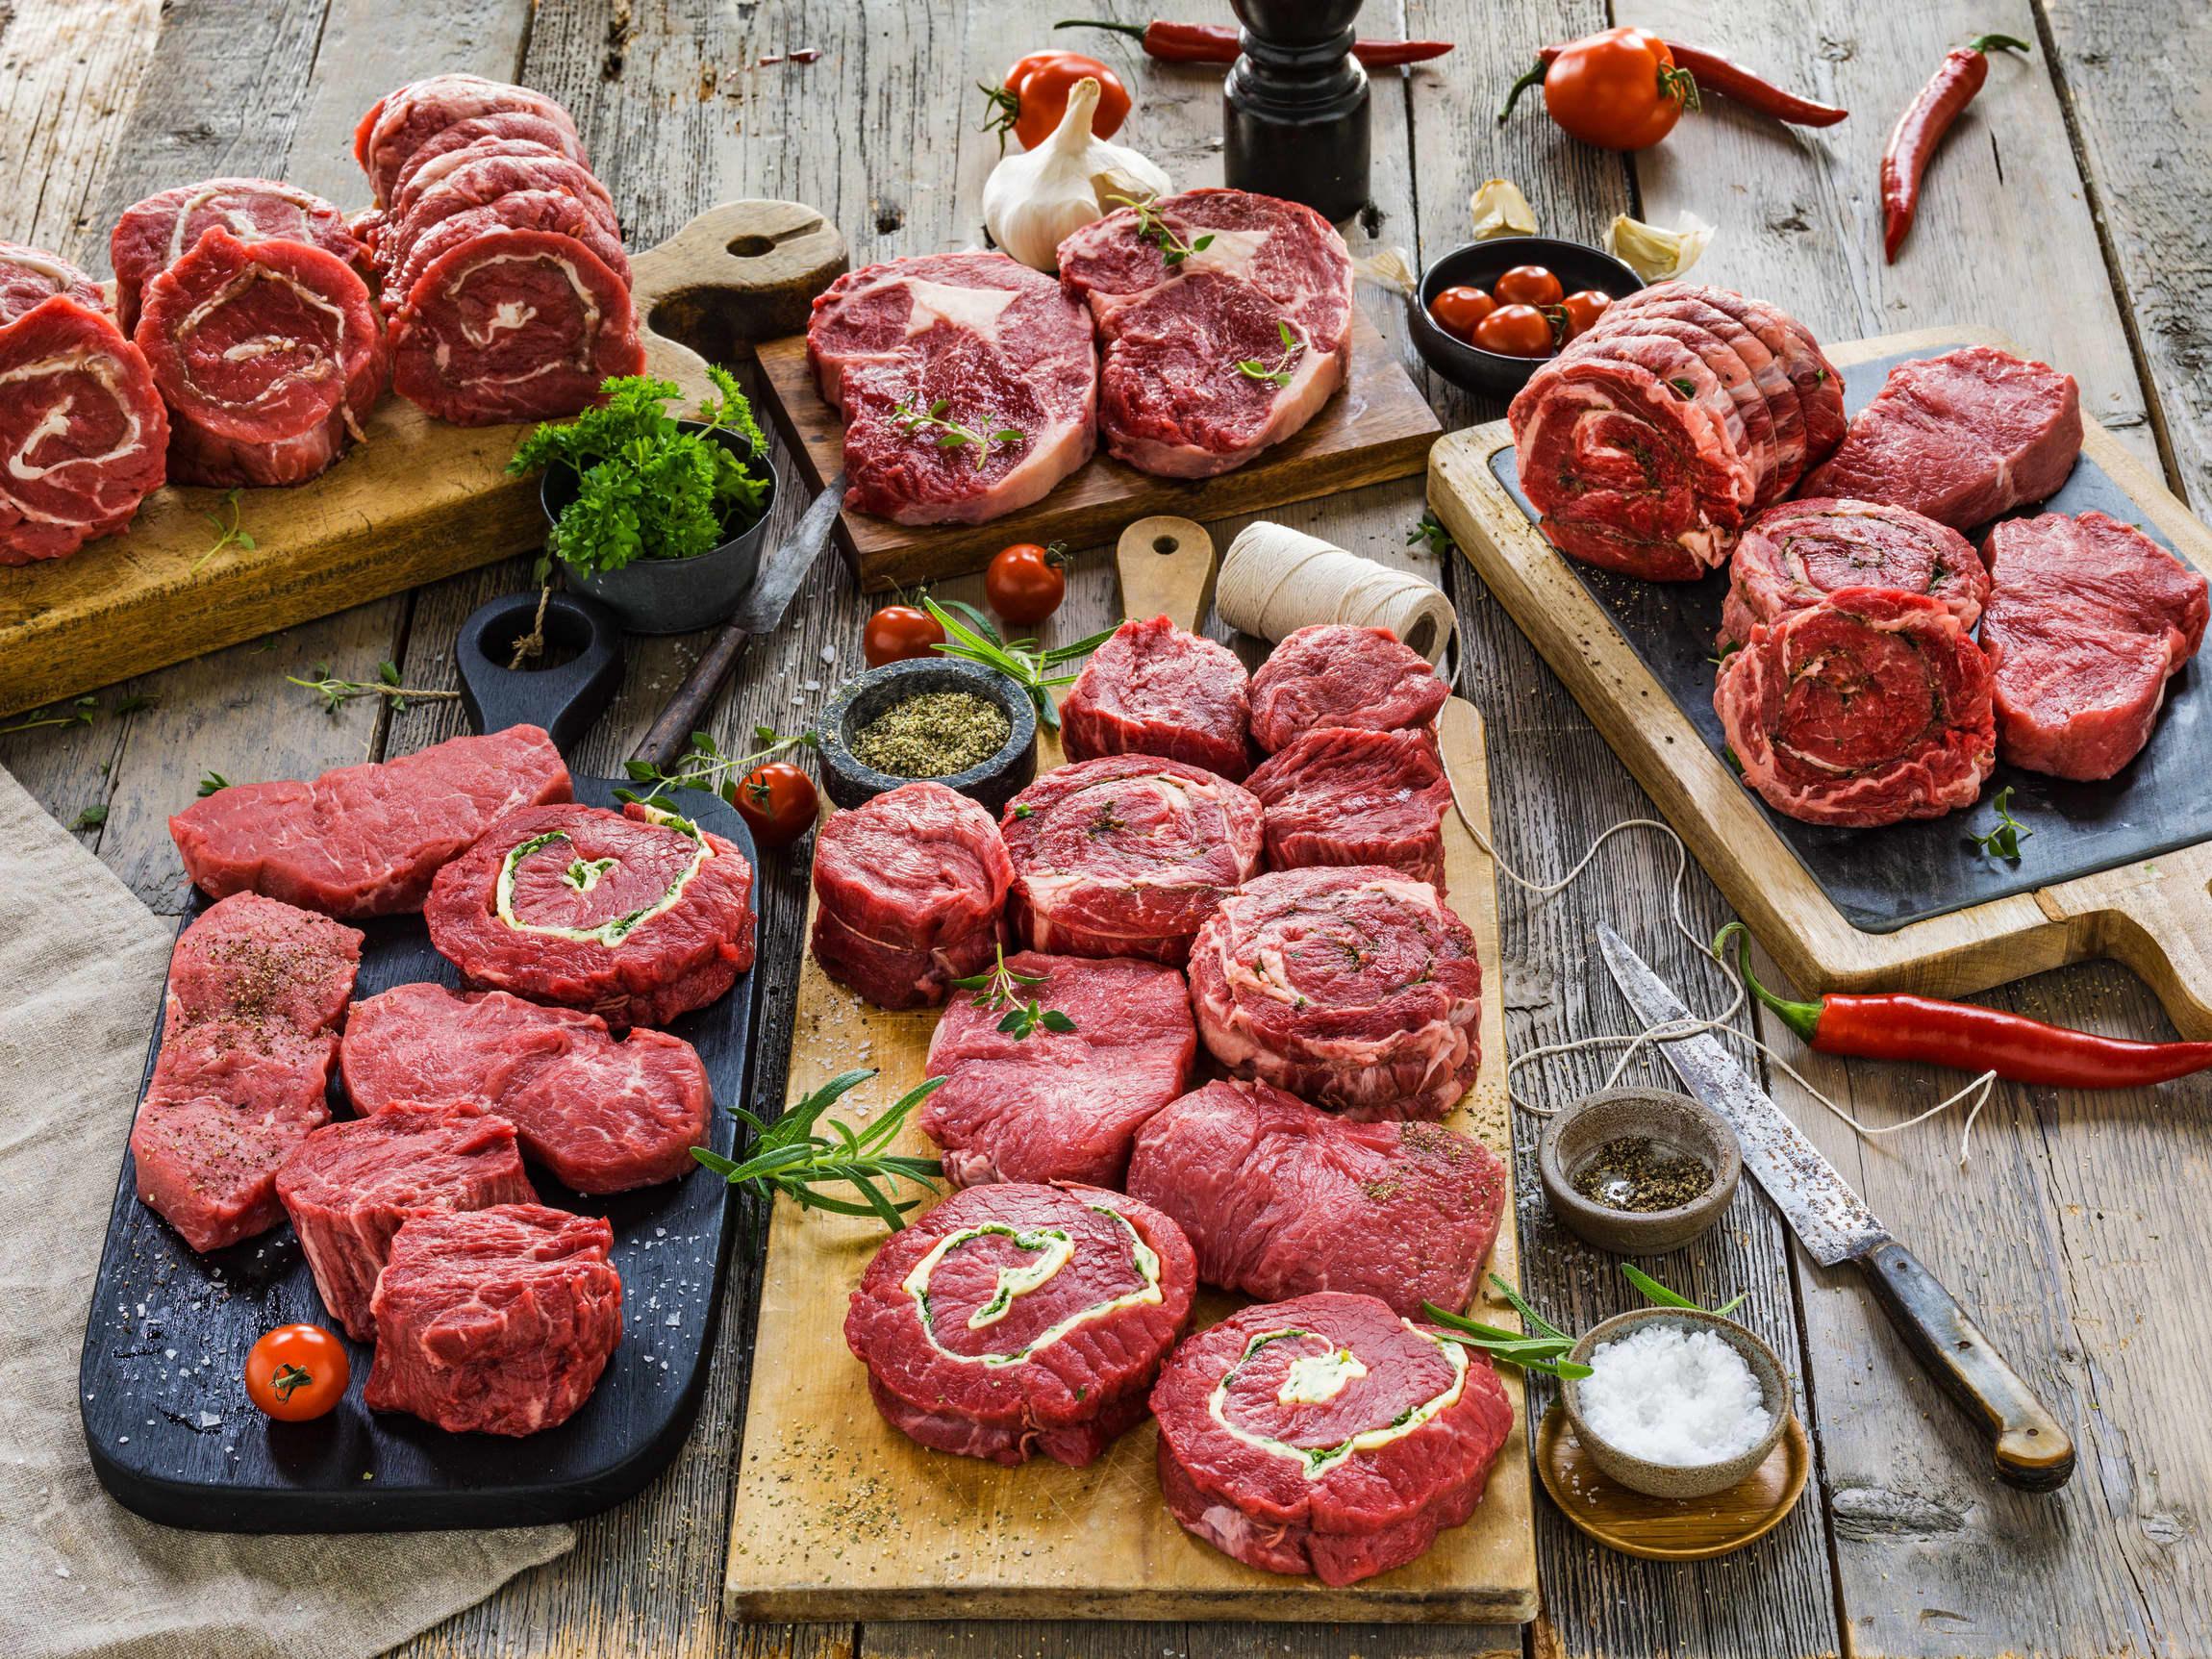 Fett gjør kjøttet saftig og smakfullt.